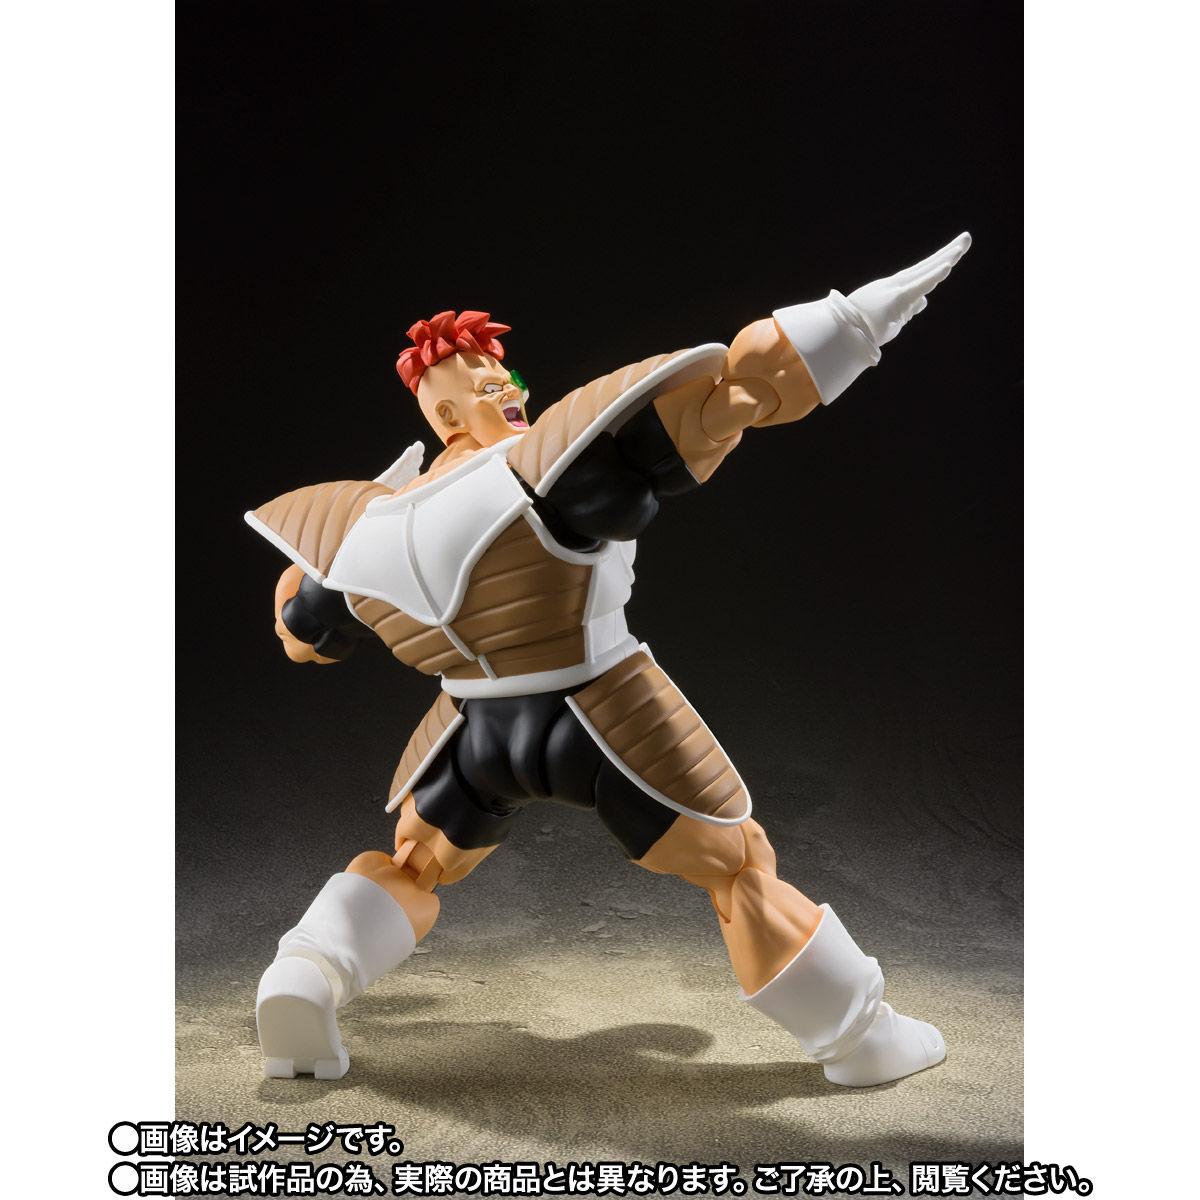 【限定販売】S.H.Figuarts『リクーム』ドラゴンボールZ 可動フィギュア-005